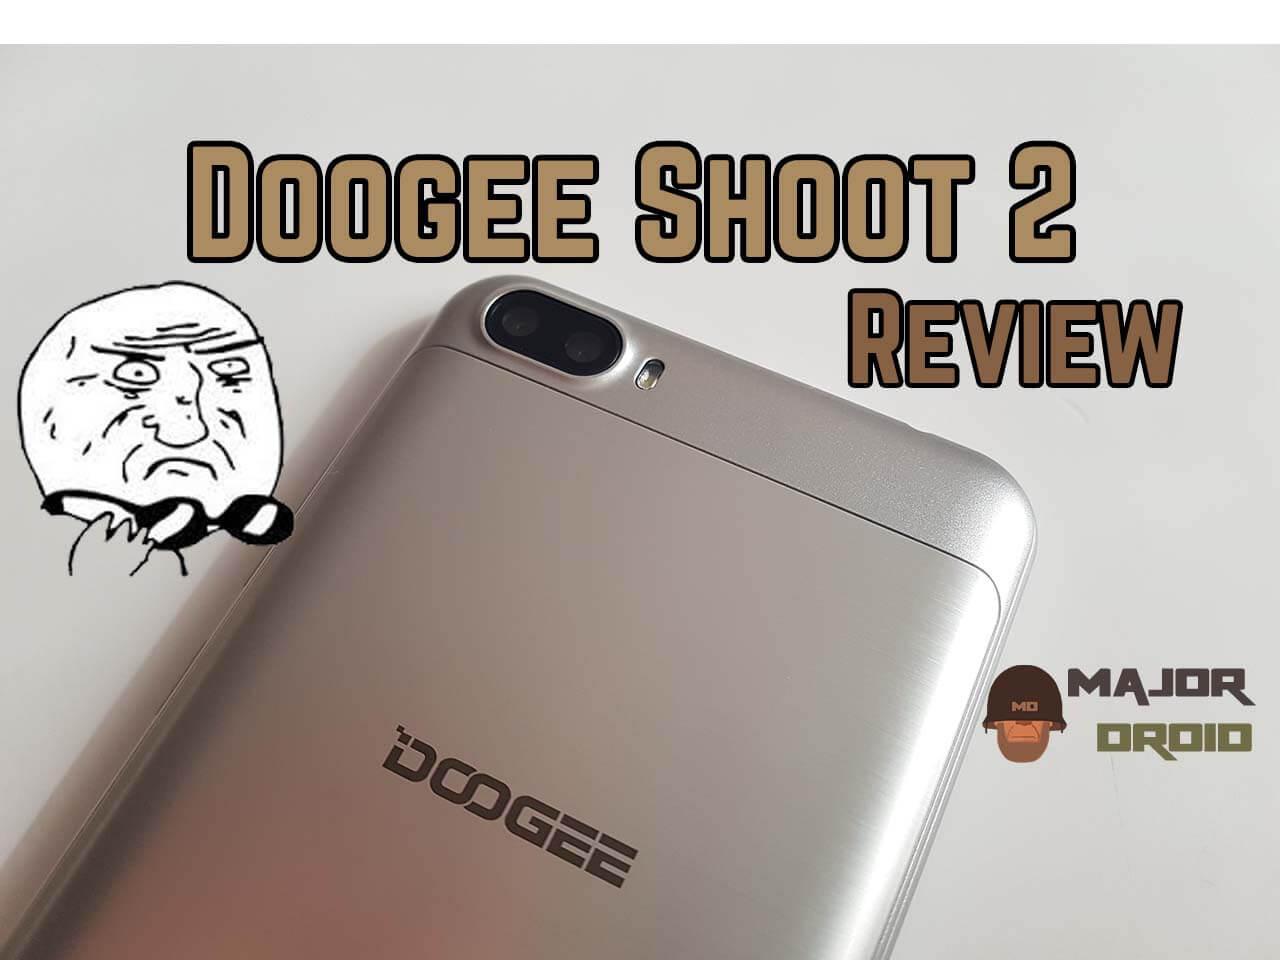 Doogee Shoot 2 Review